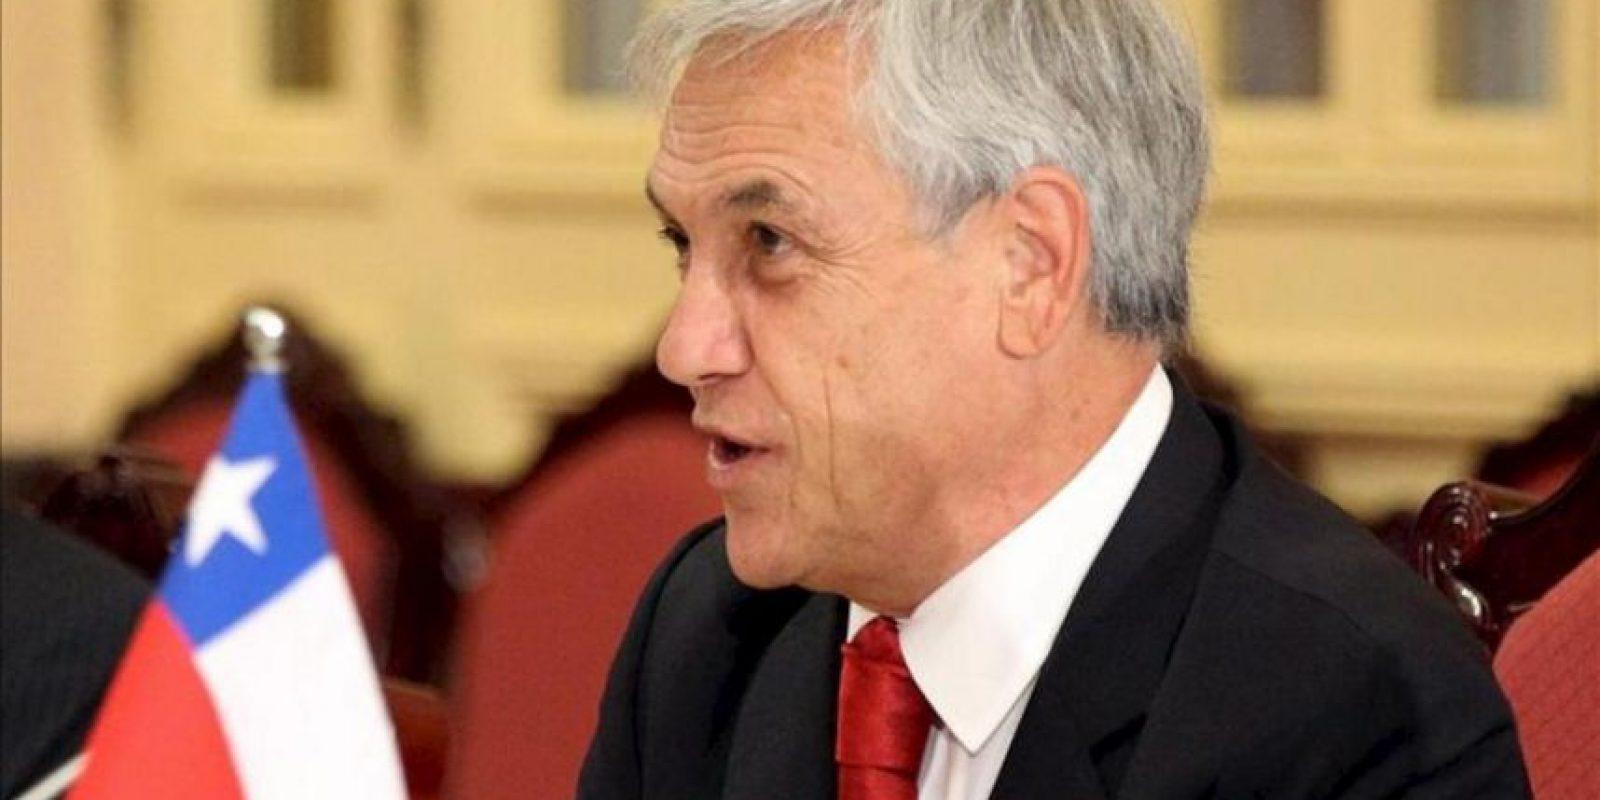 """El presidente chileno, Sebastian Piñera, indicó: """"Vamos a pedir un esfuerzo adicional a las empresas para financiar de forma permanente, seria y responsable esta gran reforma educacional"""". EFE/Archivo"""